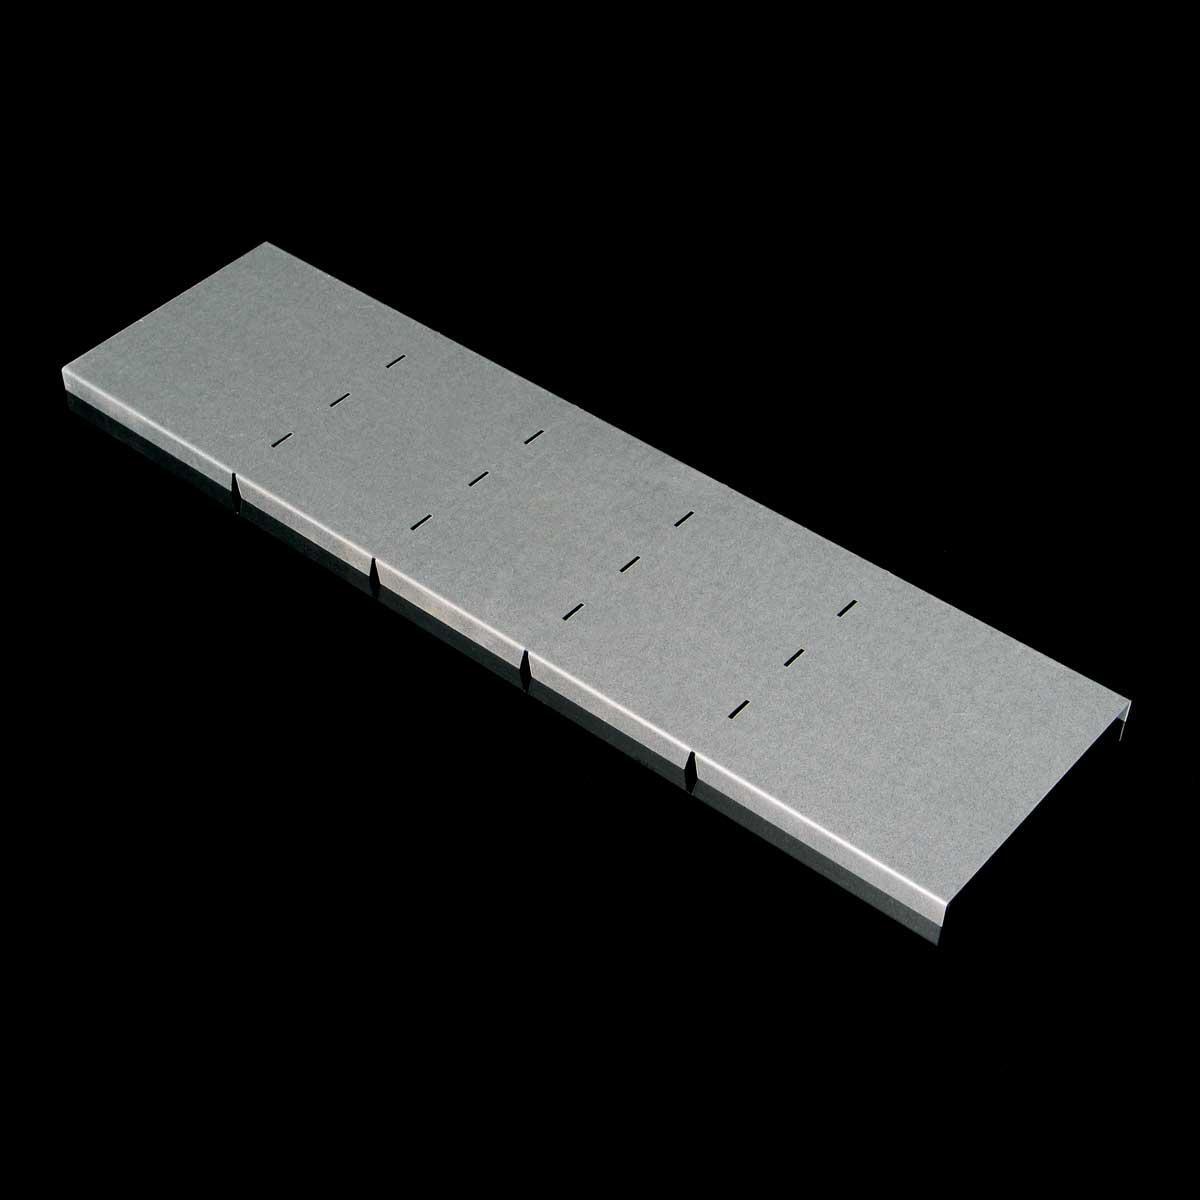 Кришка вертикального повороту зовнішнього 90° JUPITER; розміри-60x100x245mm Товщ. метал-0,6 Вага-0,23кг/м